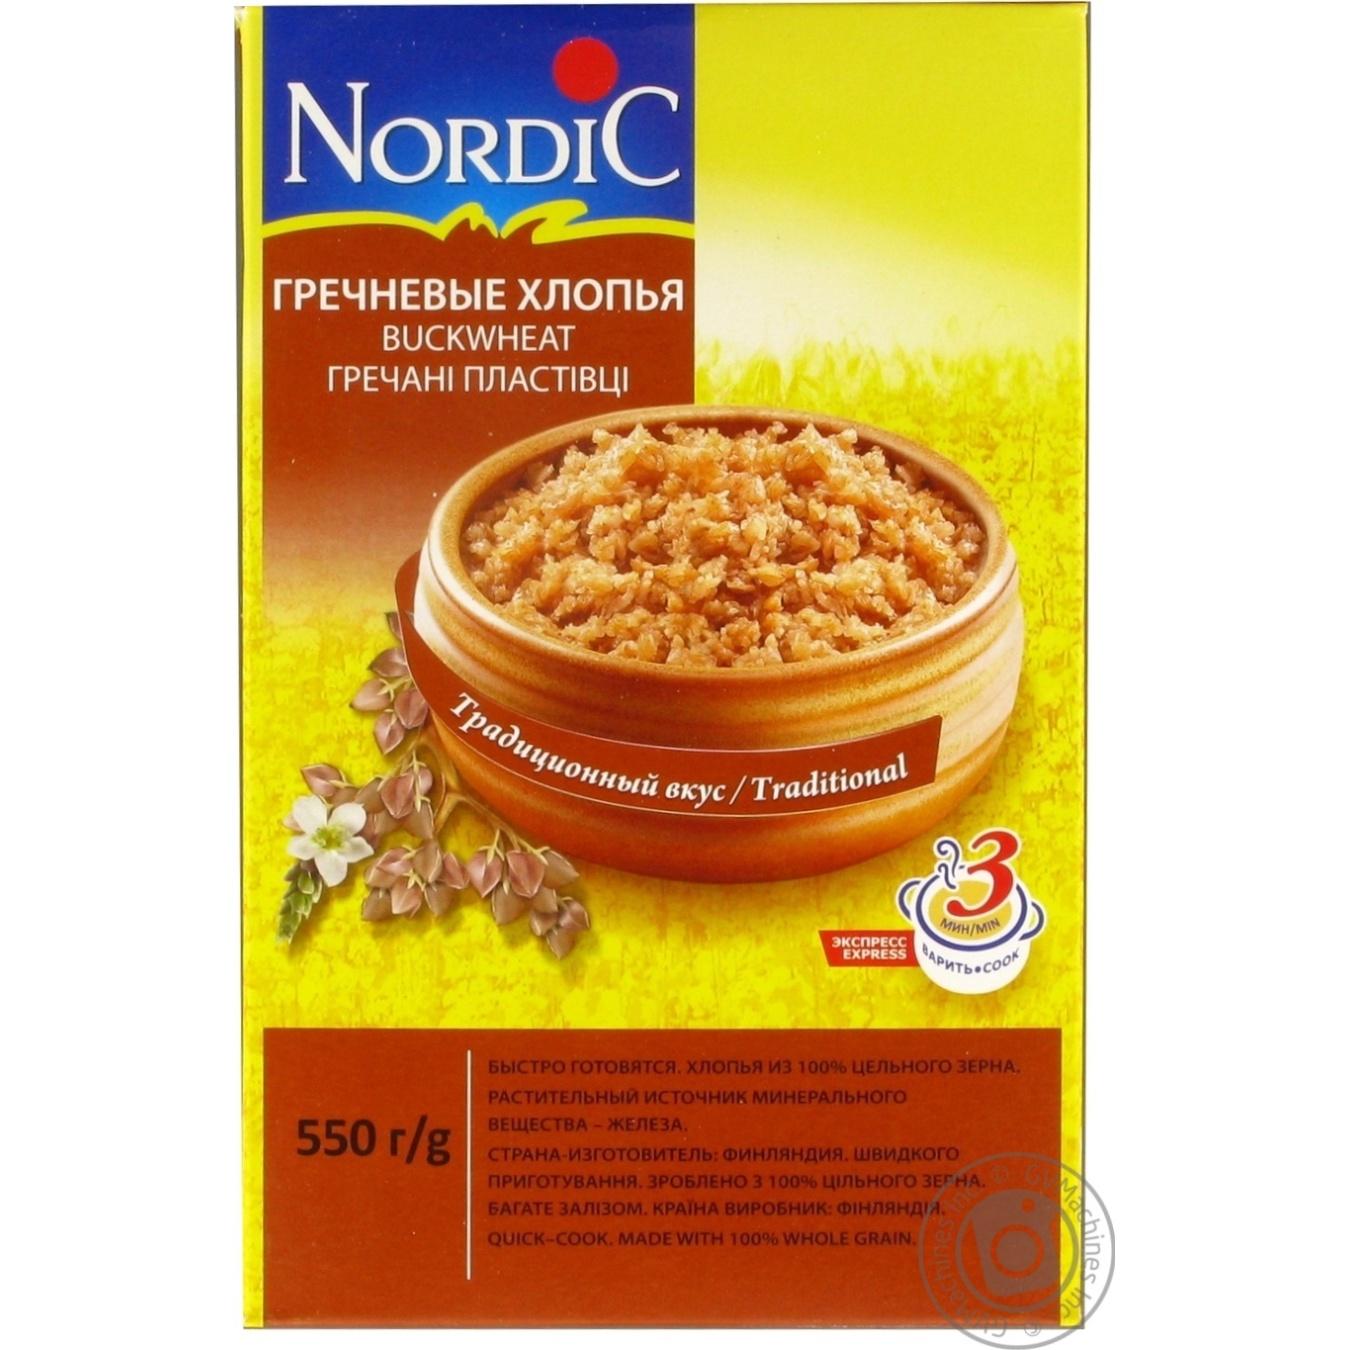 Купить Каші та мюслі, Пластівці Nordic гречані 550г